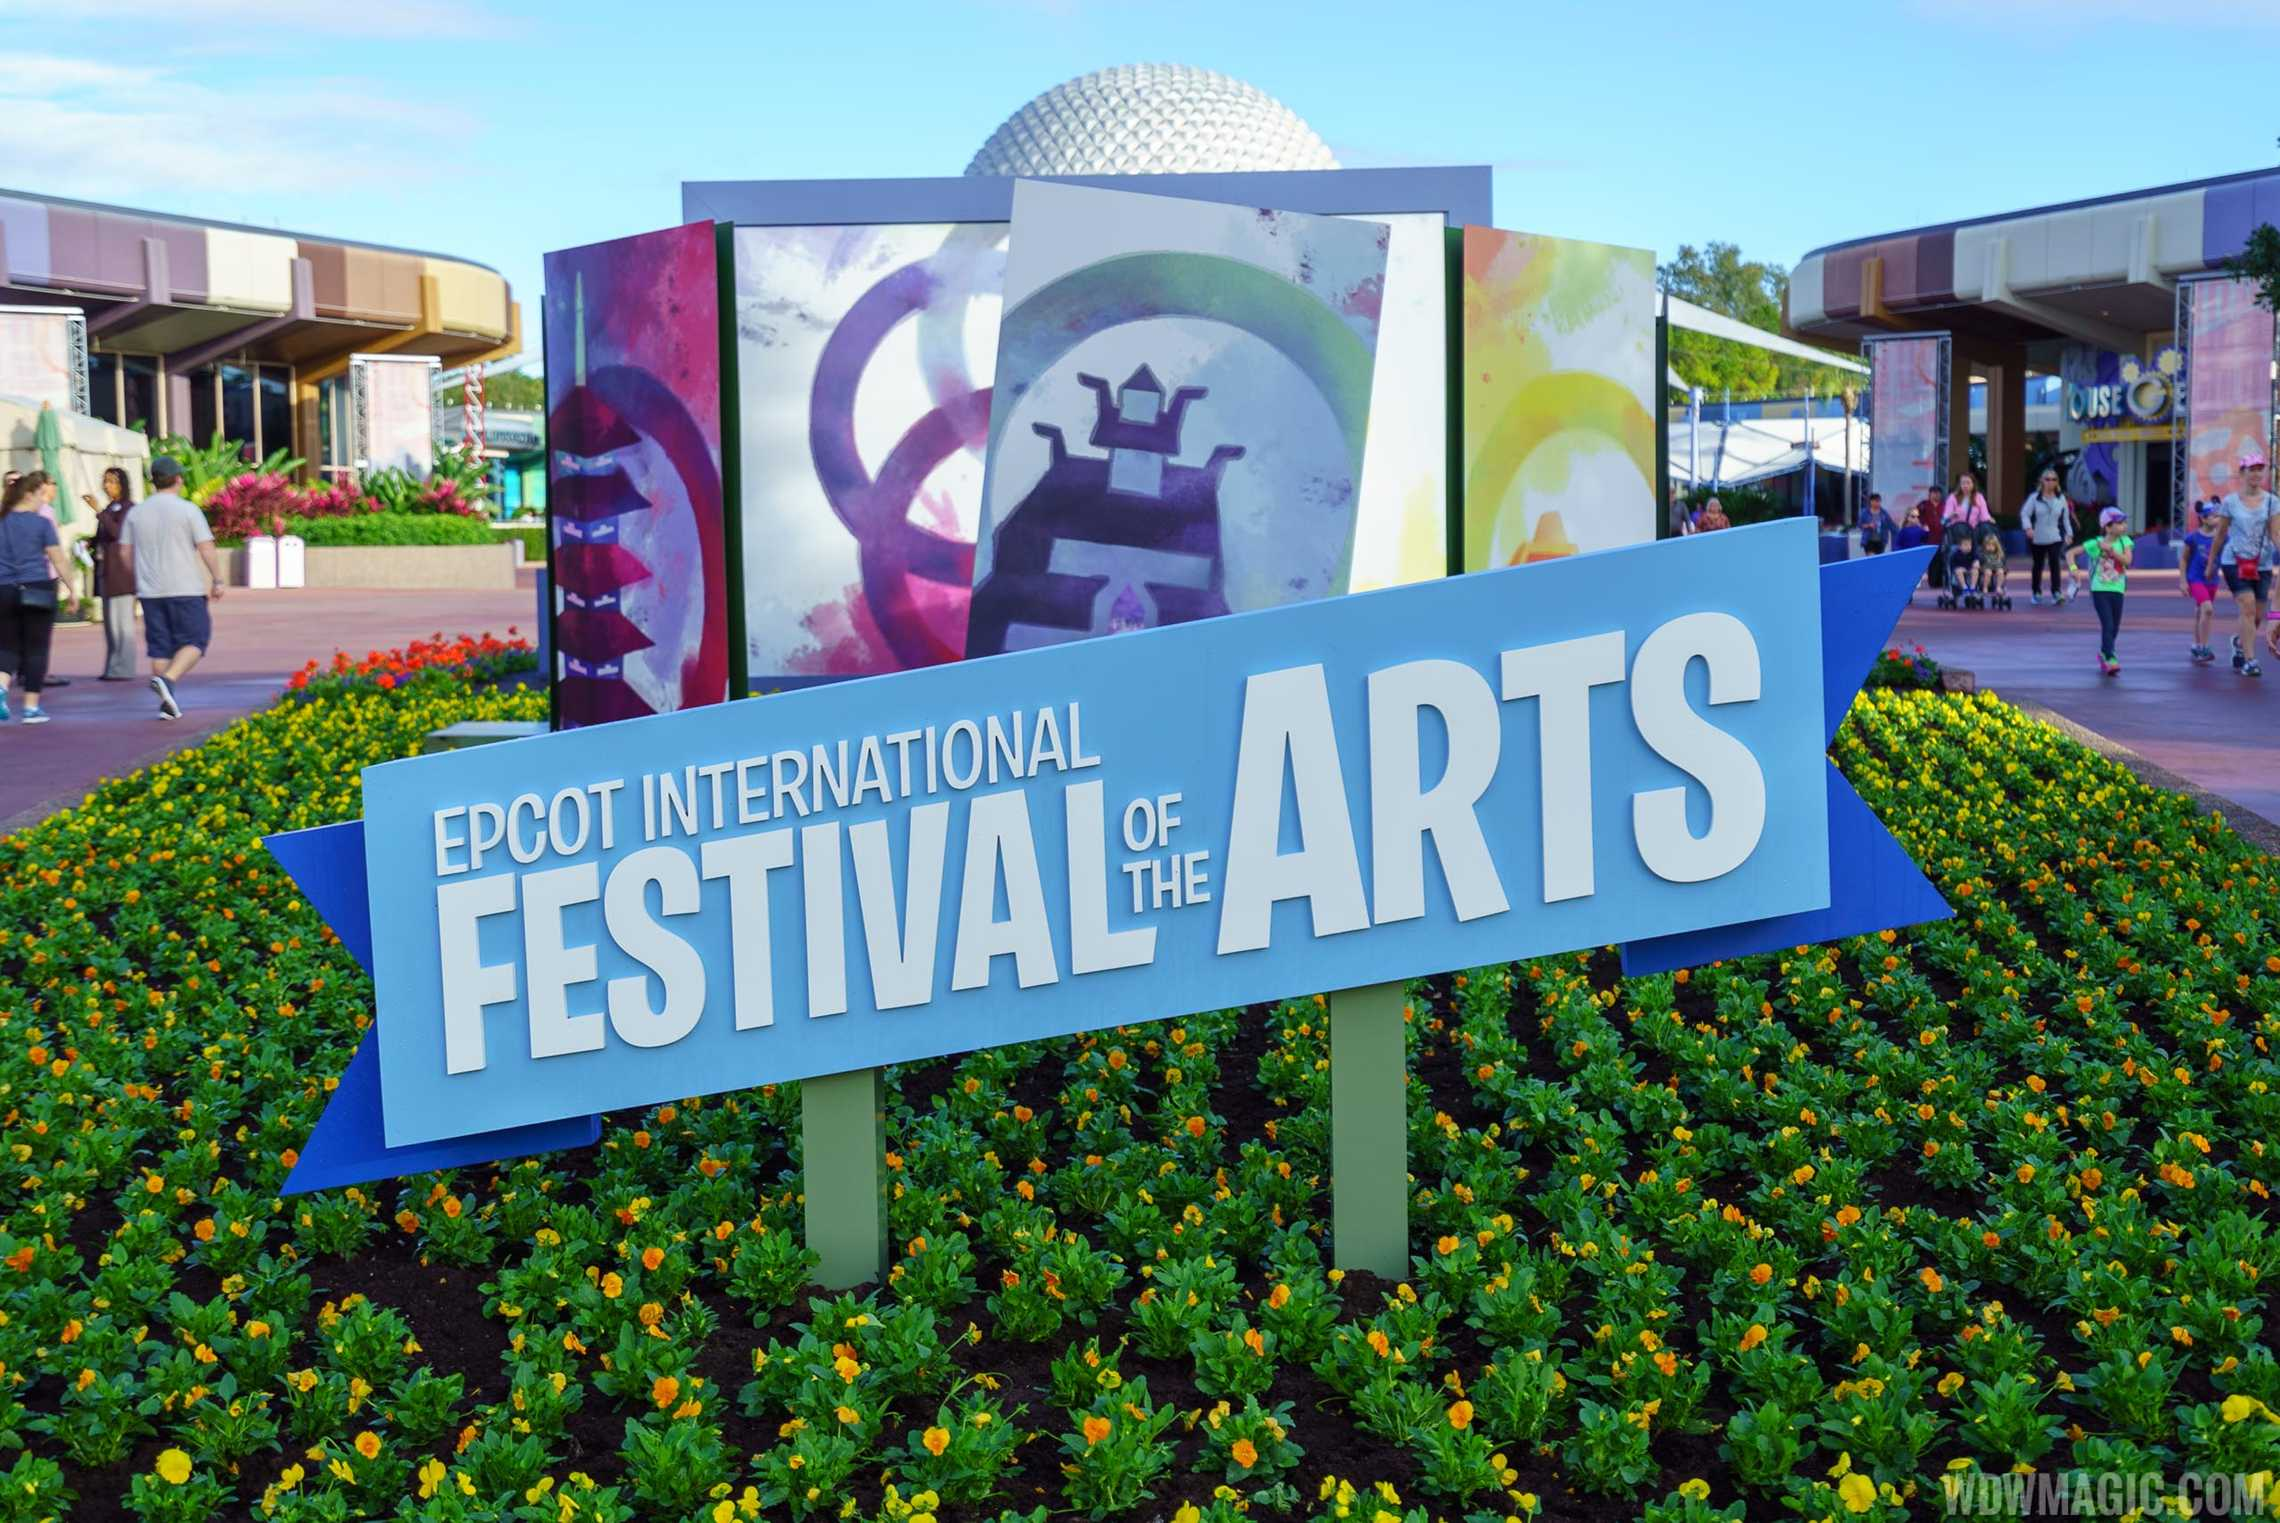 Epcot Festival of the Arts - Decor